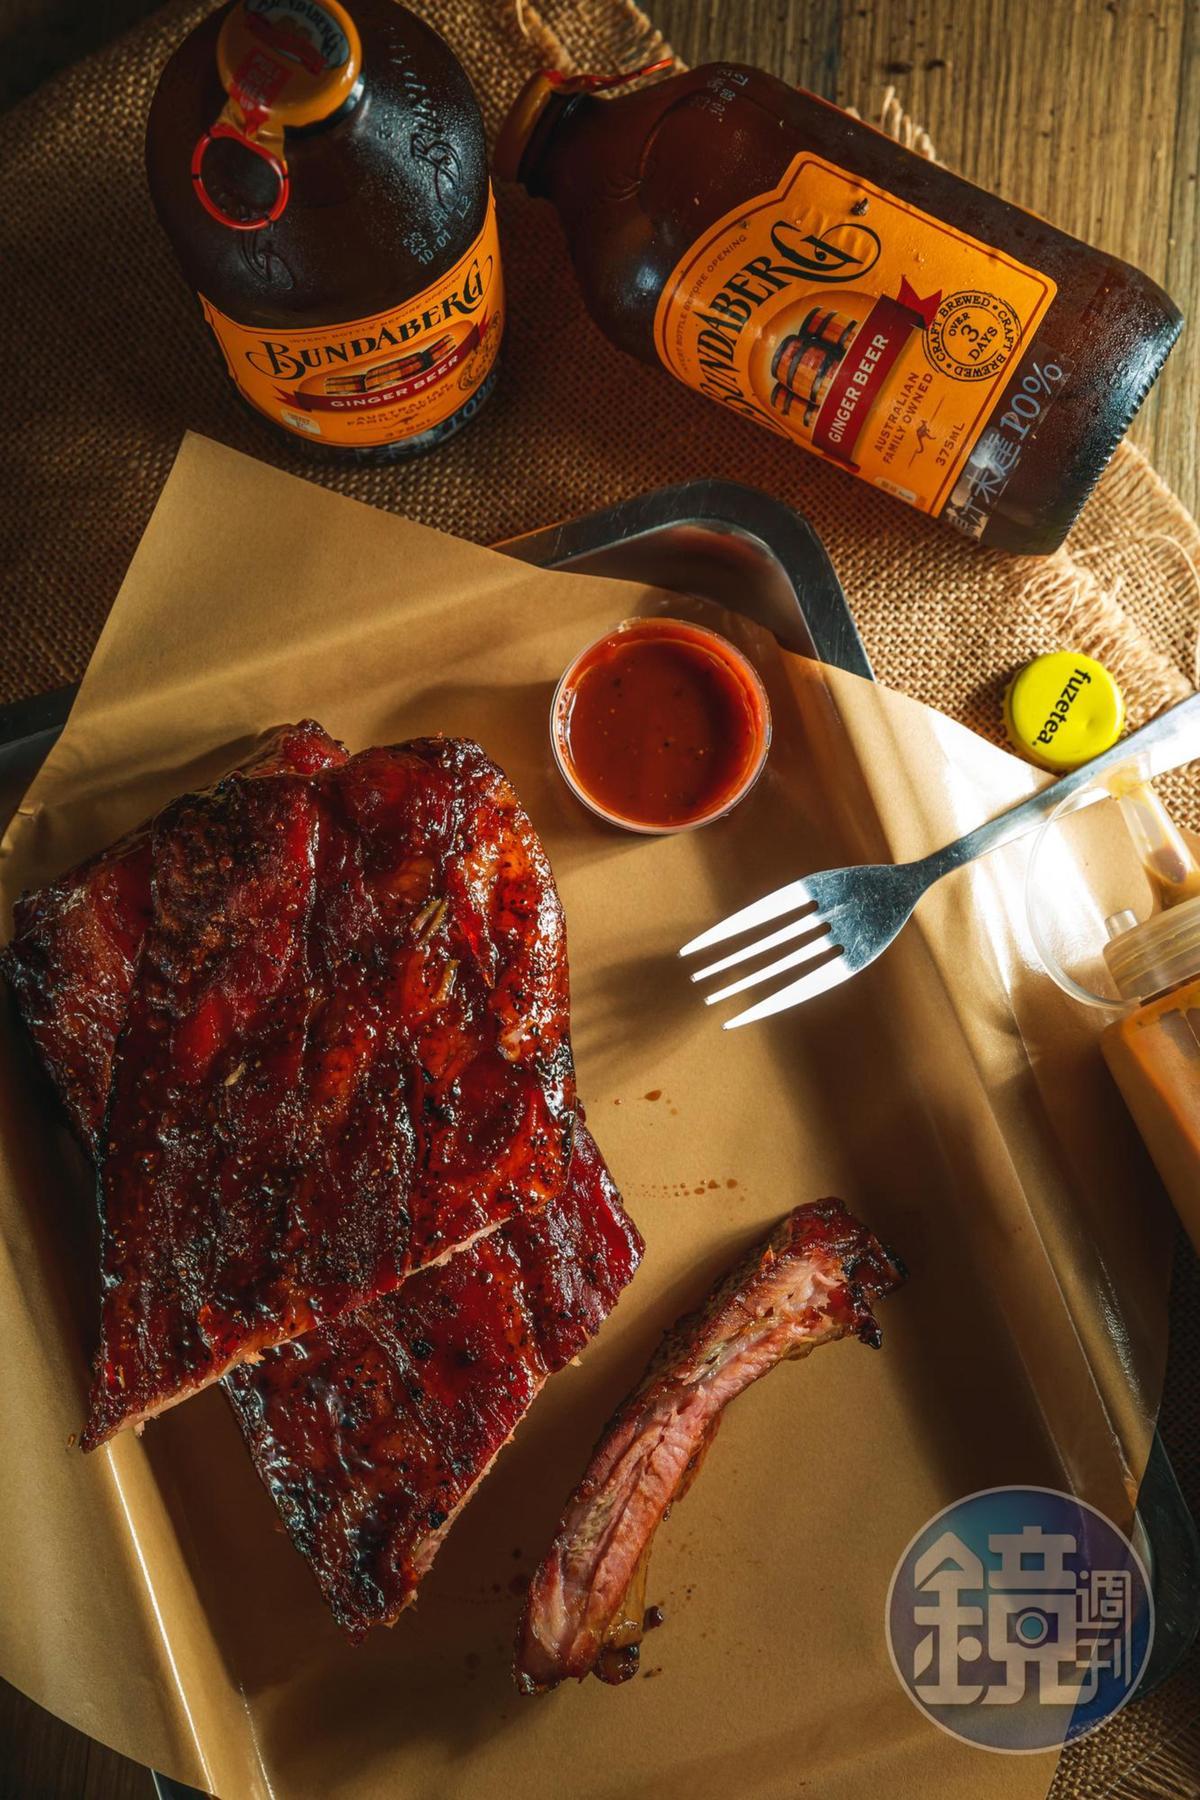 「豬肋排」酸甜奧妙的醬料入味,肉質軟嫩到輕輕鬆鬆骨肉分離。(1,000元/大份)